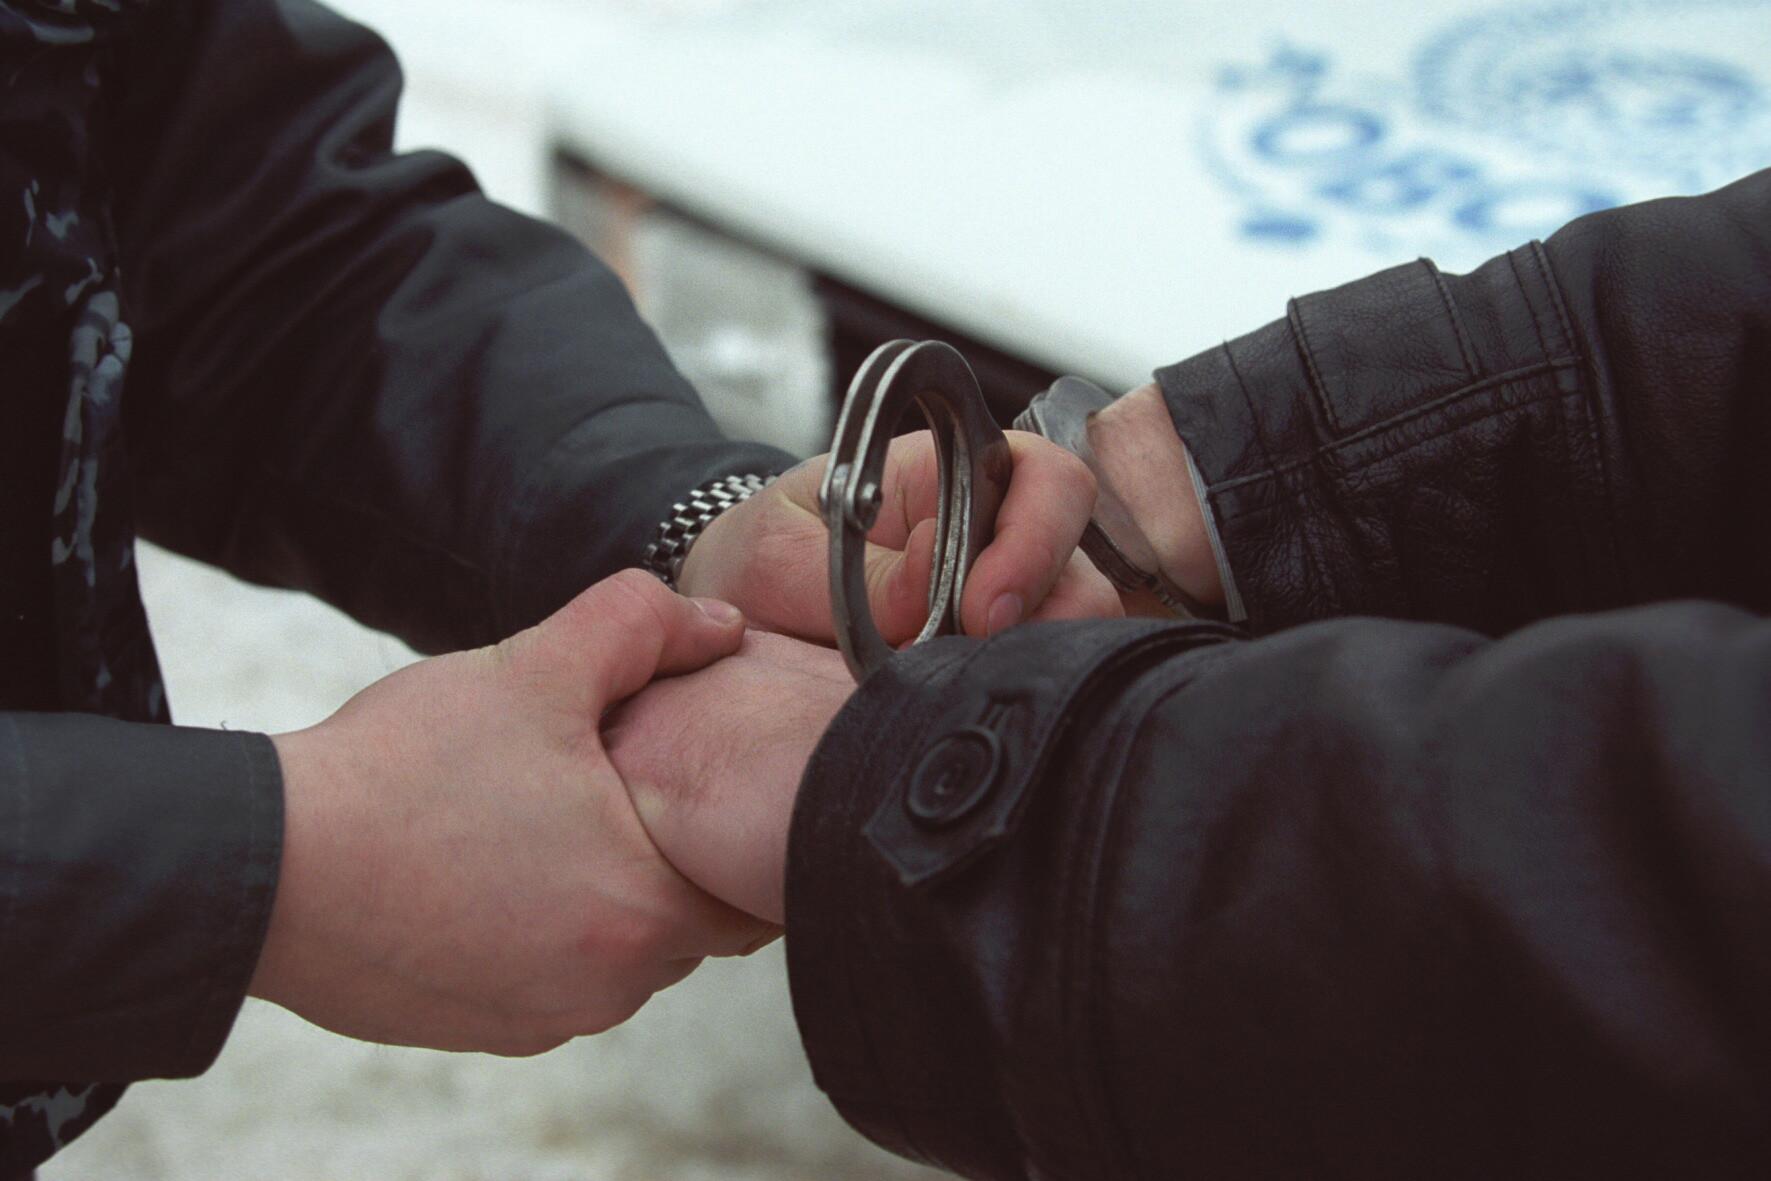 ВПетербурге подростки задержаны за смерть 2-х бездомных